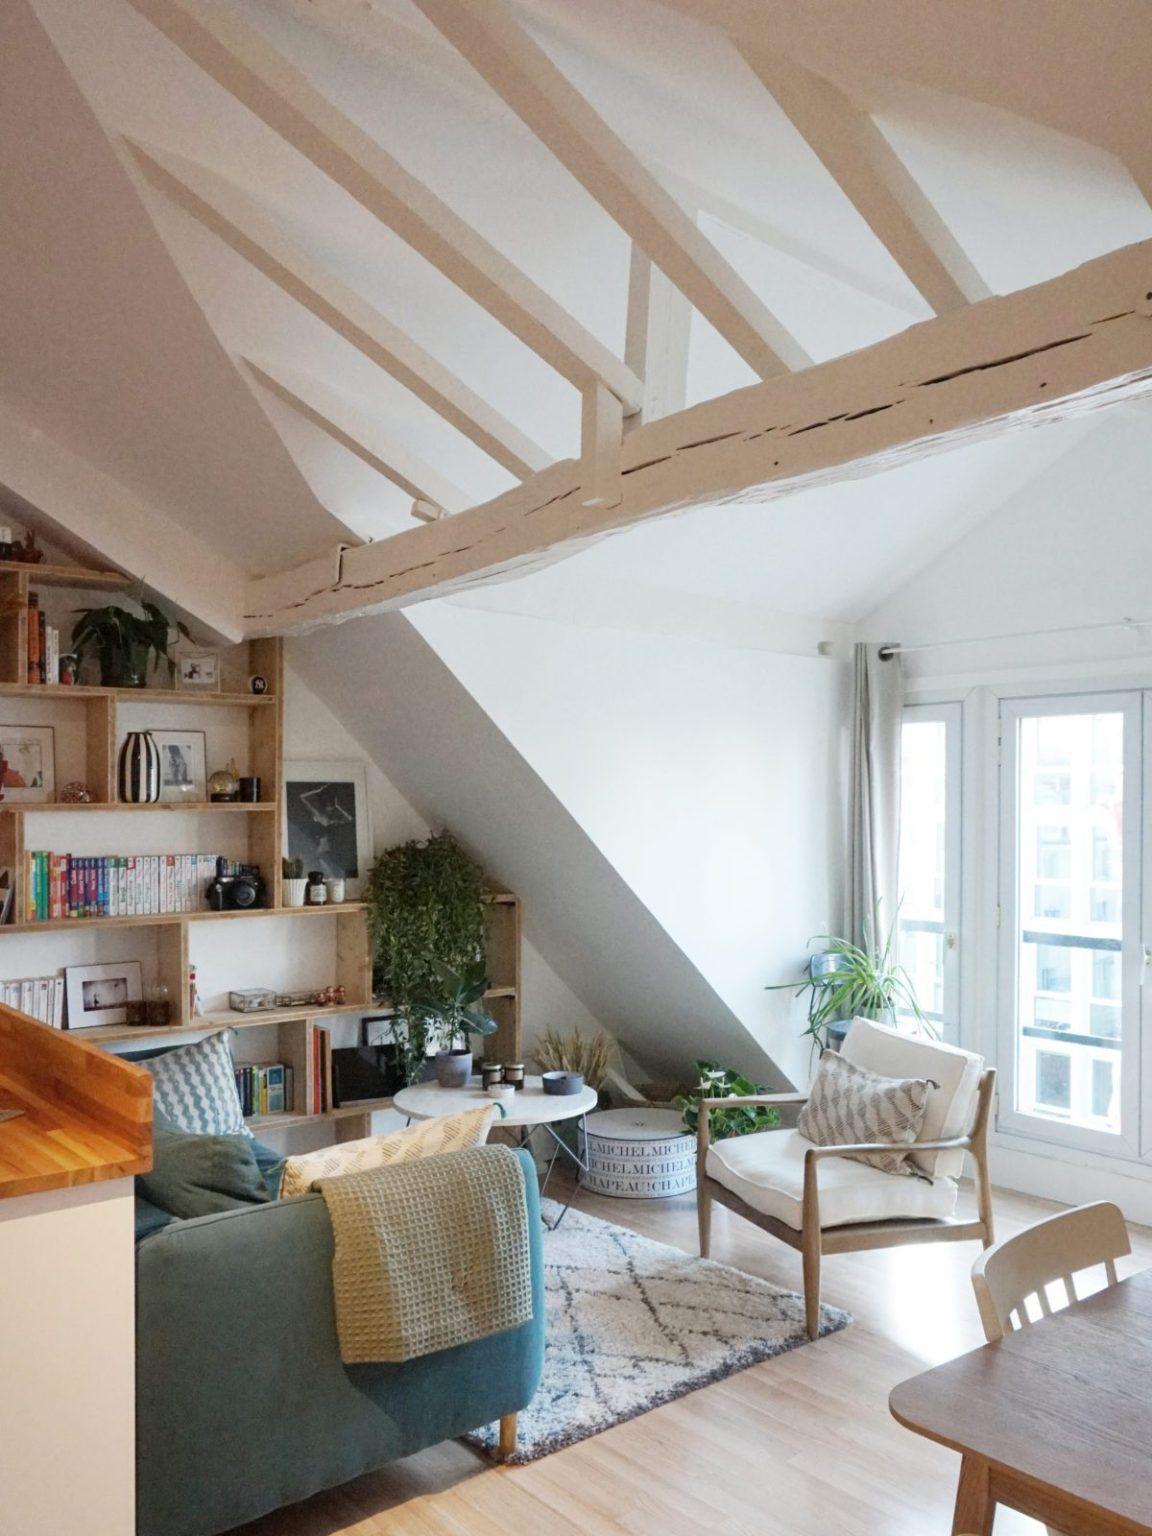 Beau Comment Créer Une Chambre Supplémentaire Dans Un Petit Appartement à Paris  ?   PLANETE DECO A Homes World